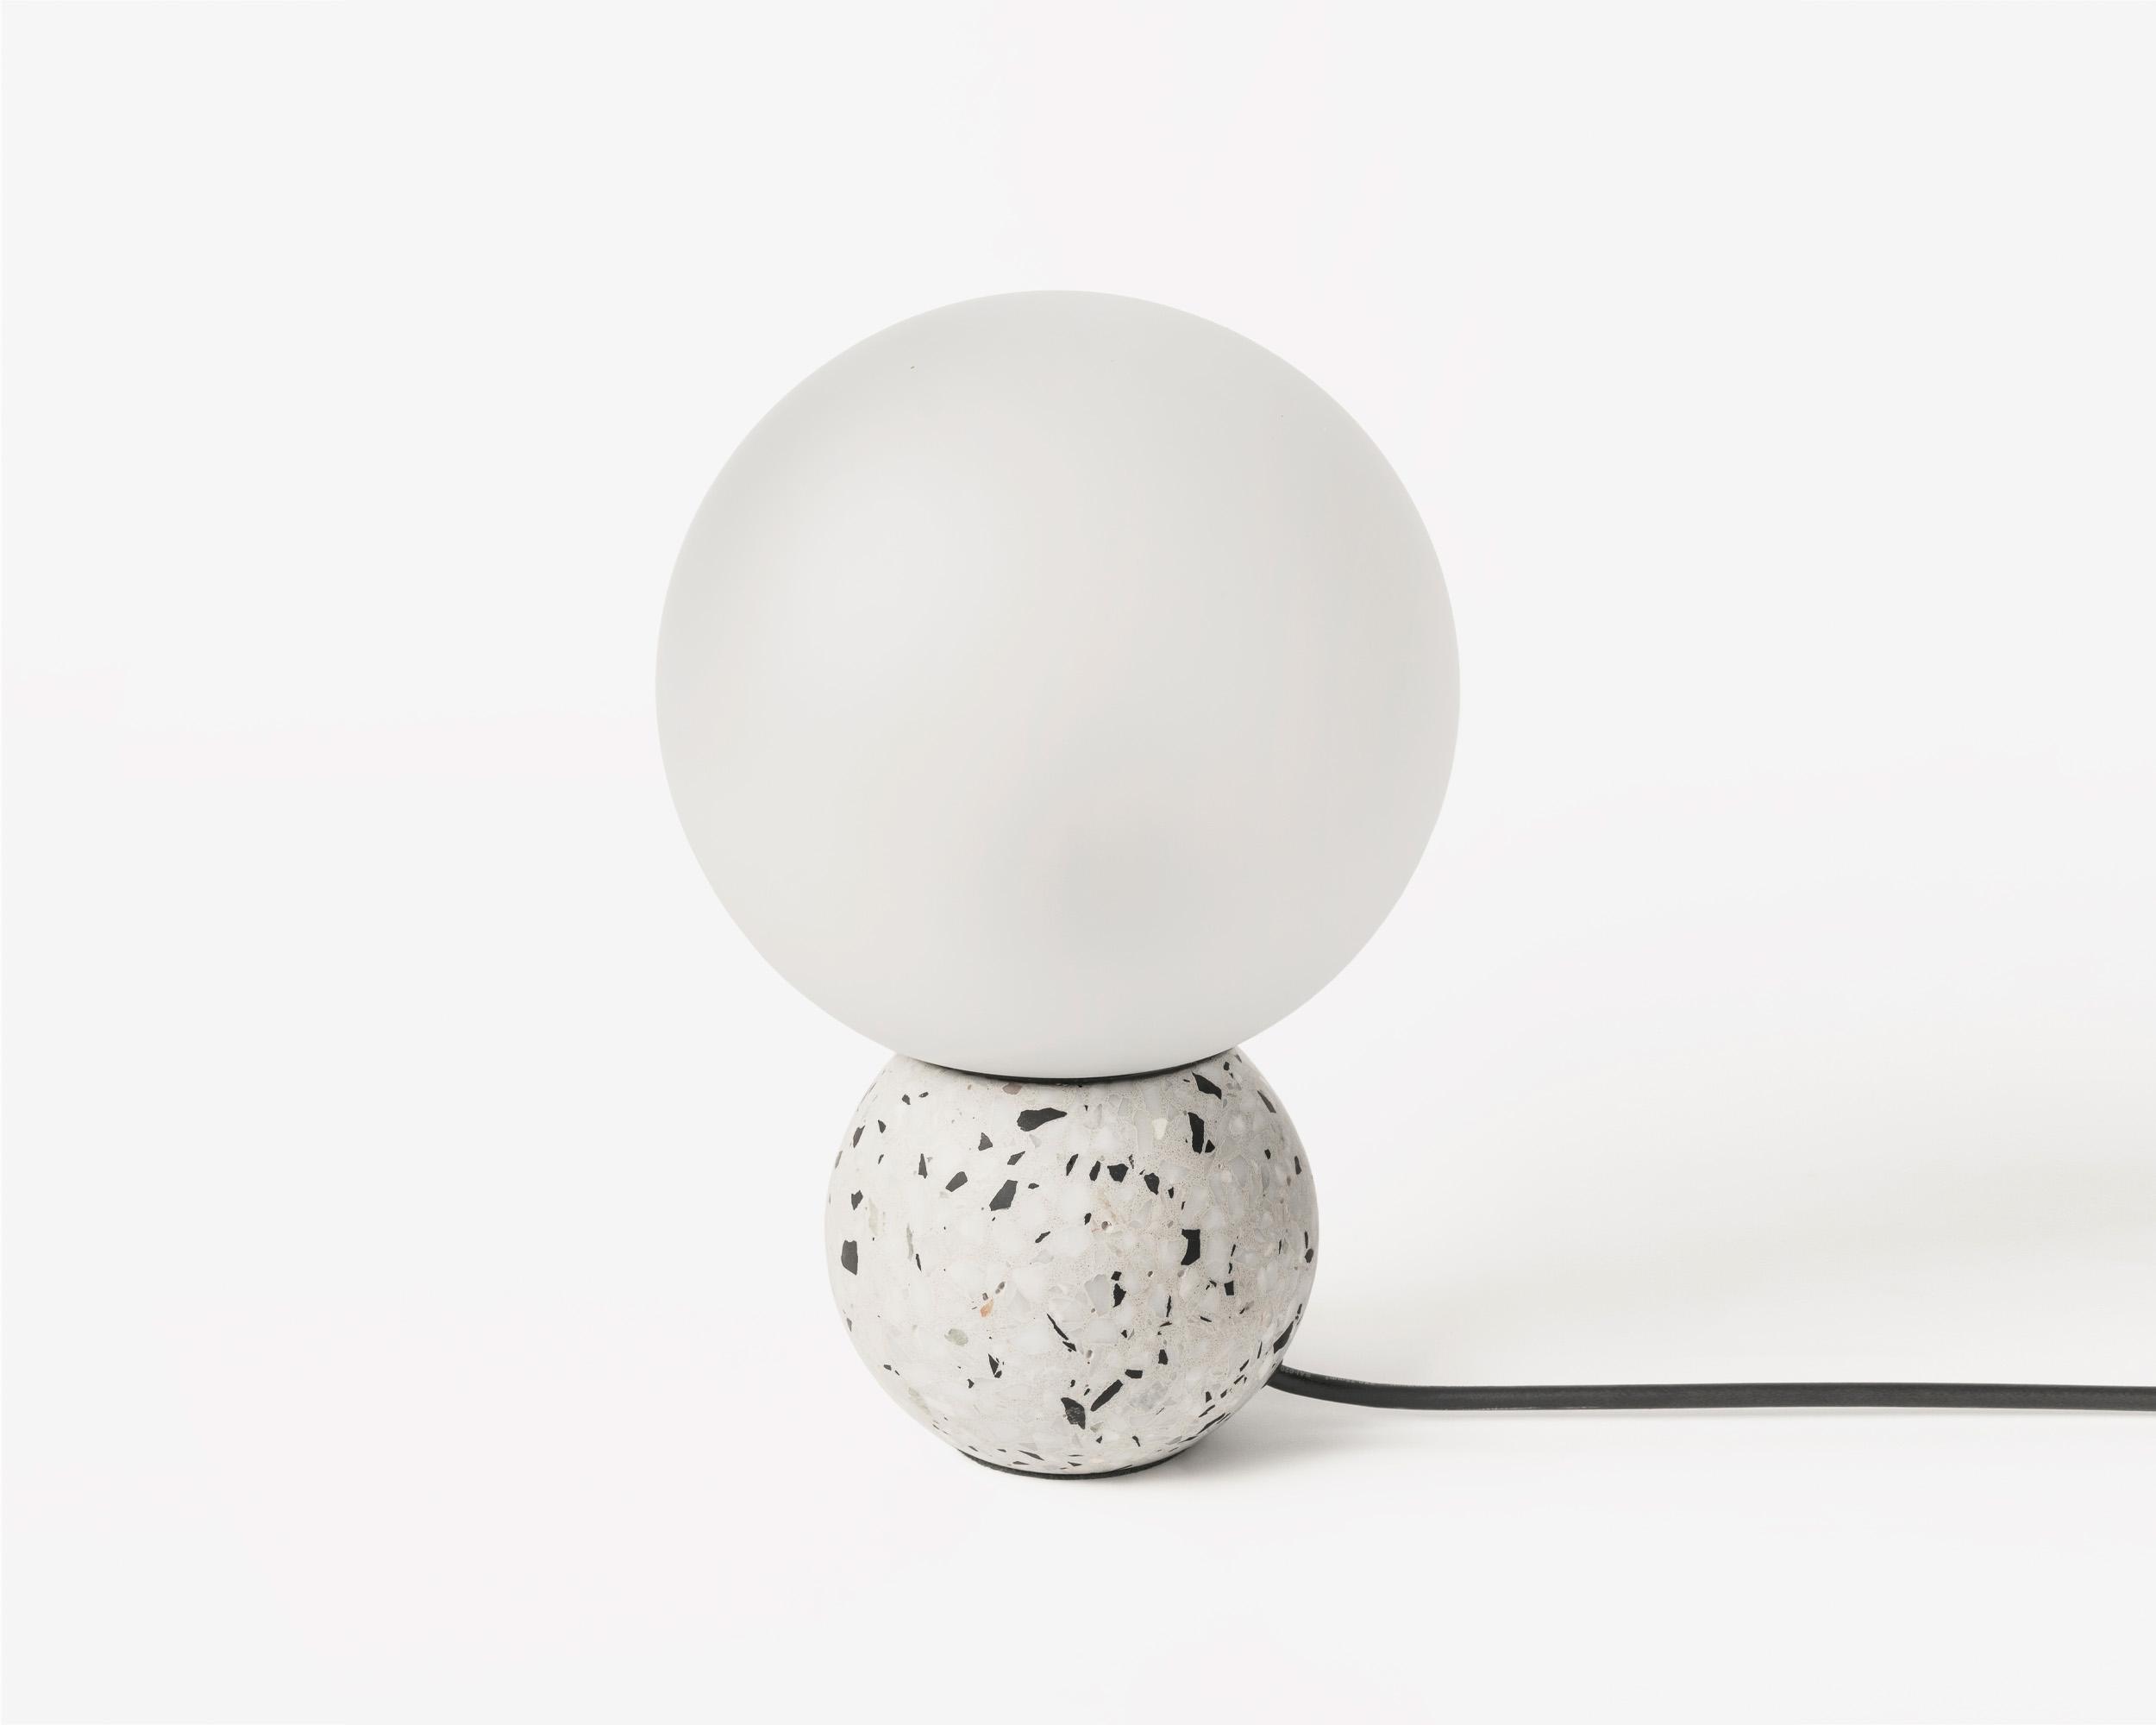 BentuDesign-White-Terrazzo-Lamp-8-